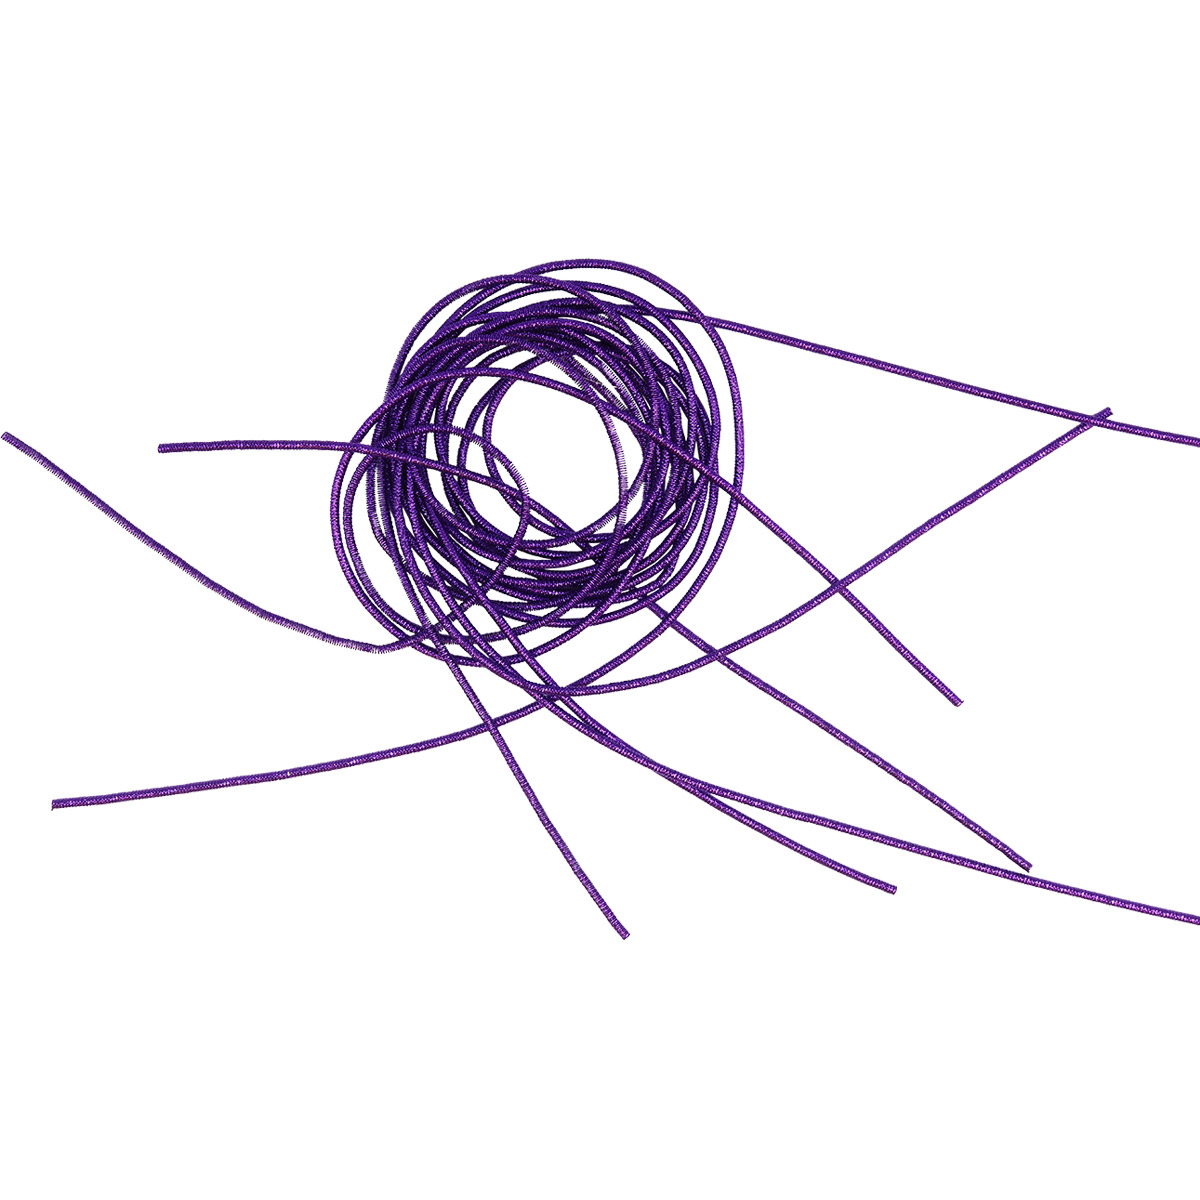 КЯ006НН1 Канитель металлизированная Фиолетовый 1 мм 5 гр. +/- 0,1 гр.